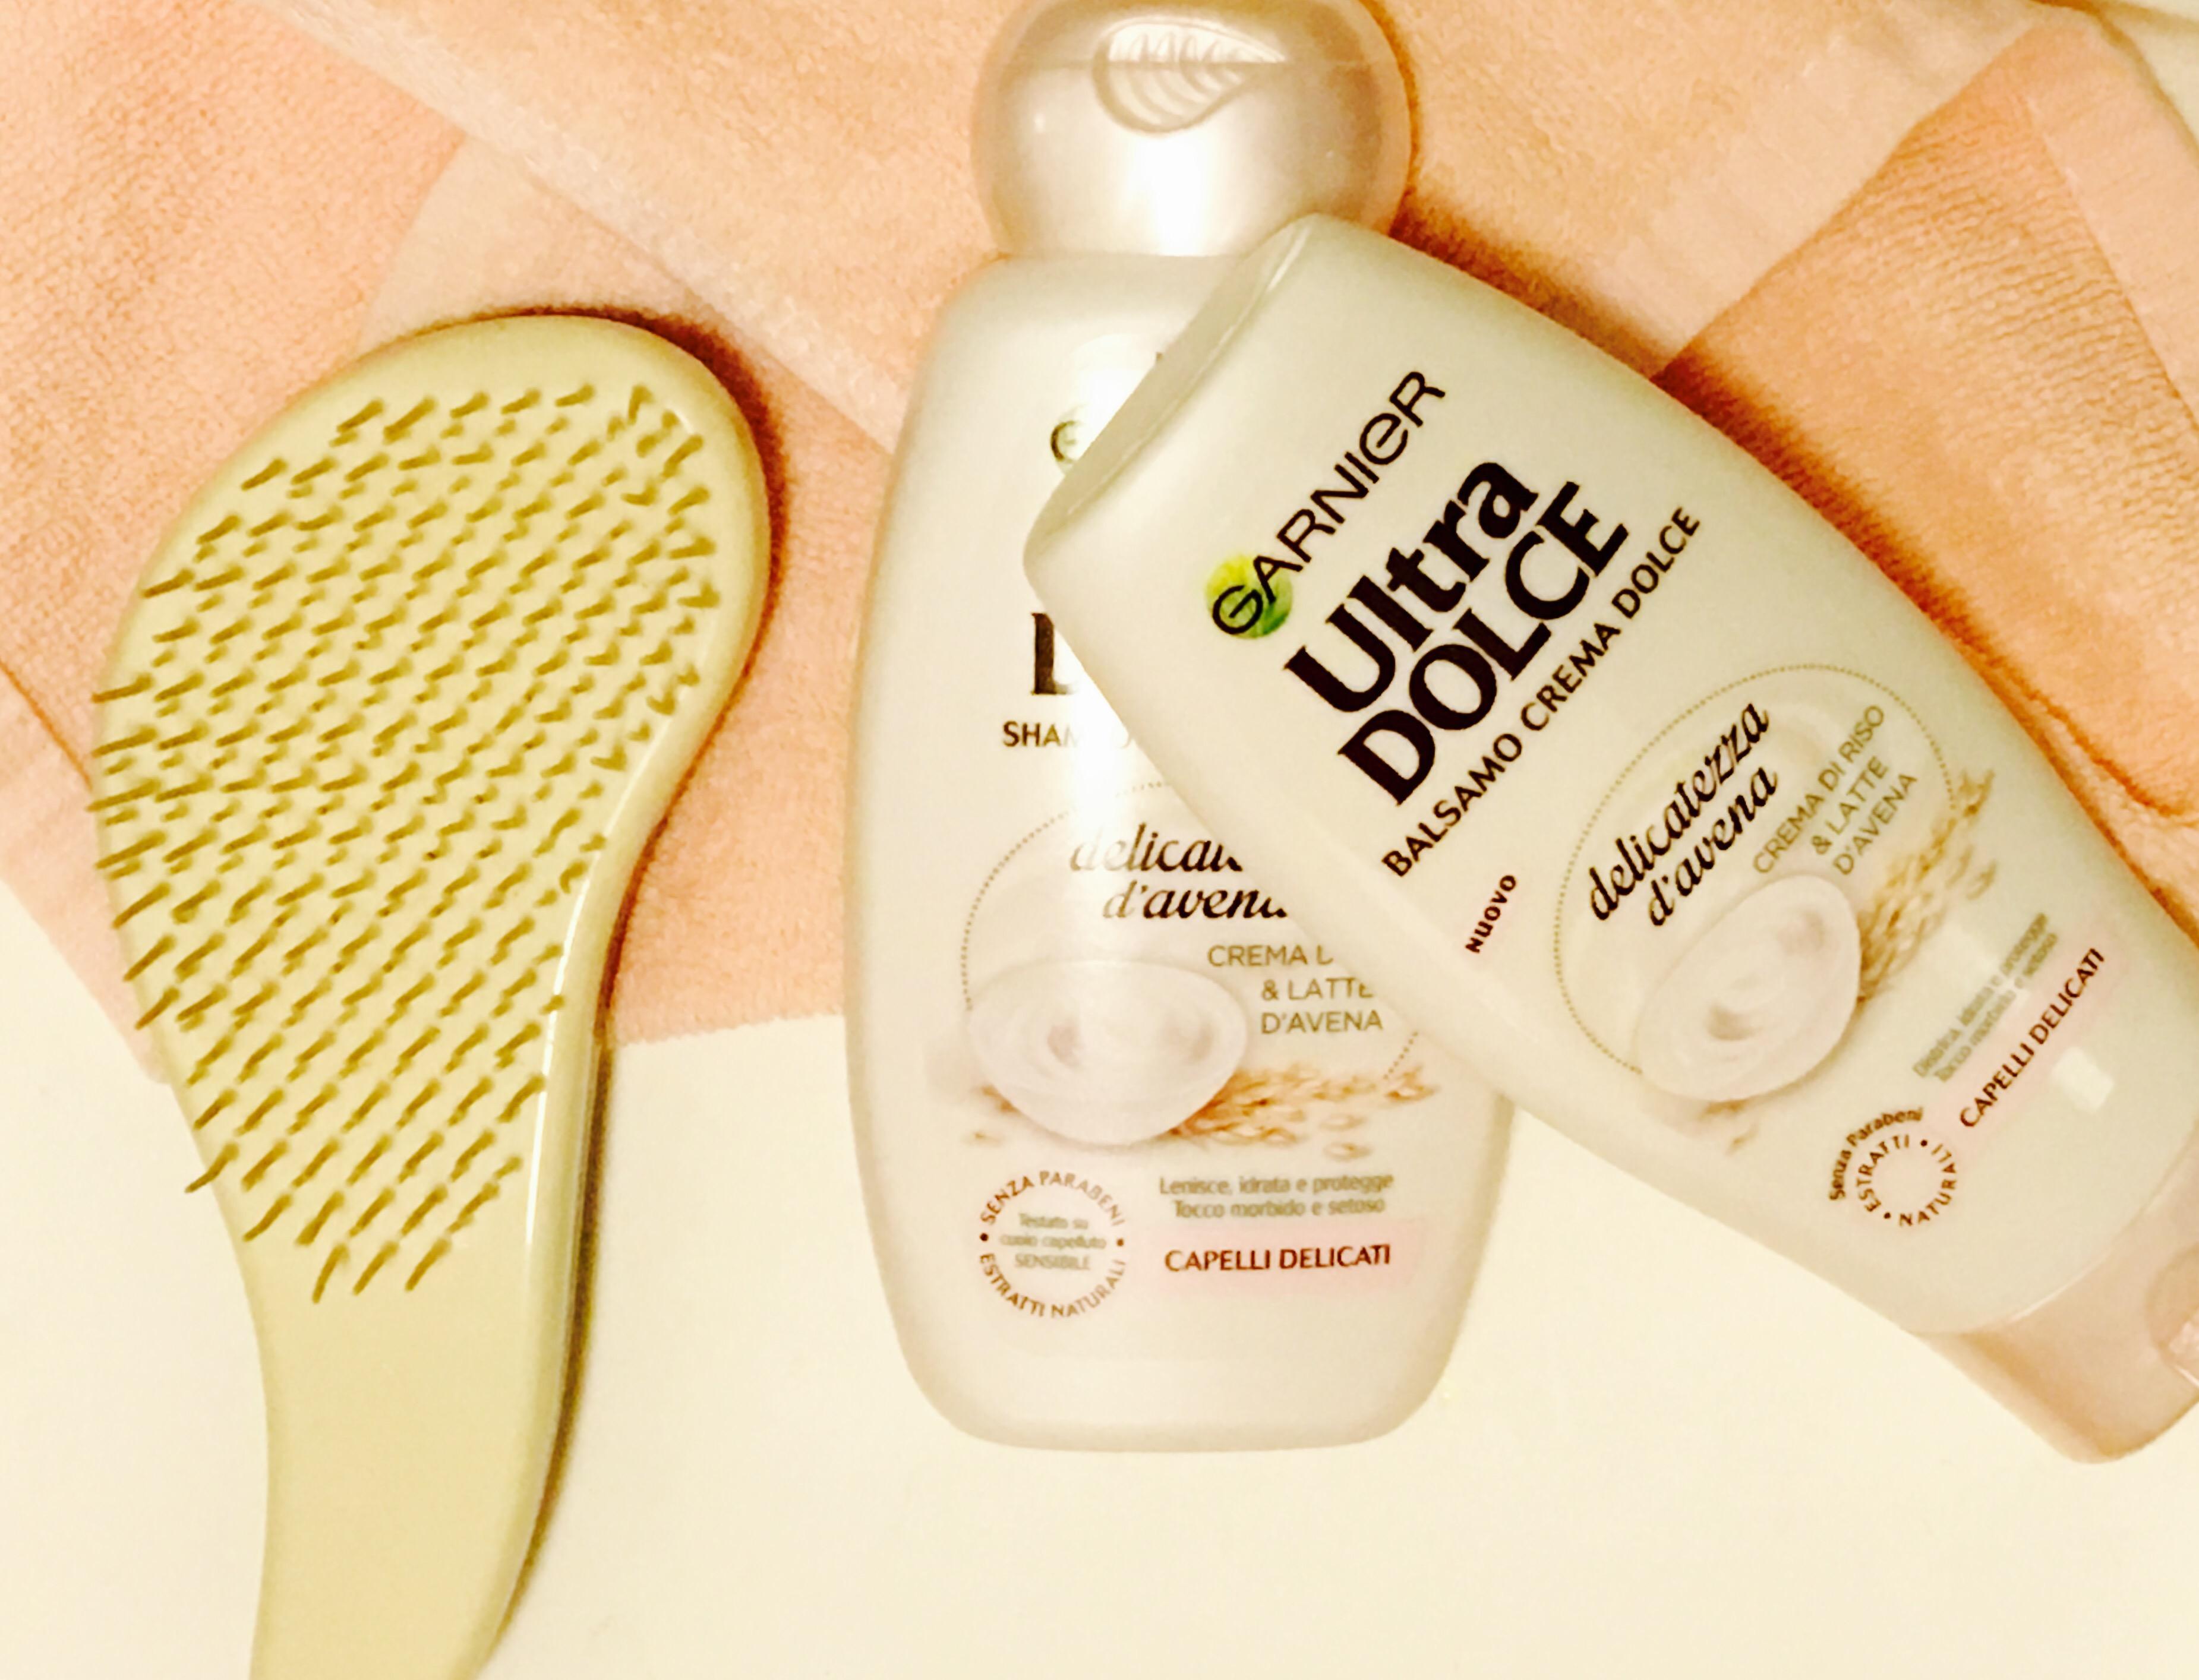 Trattamento per capelli Garnier Ultra Dolce Delicatezza d'Avena